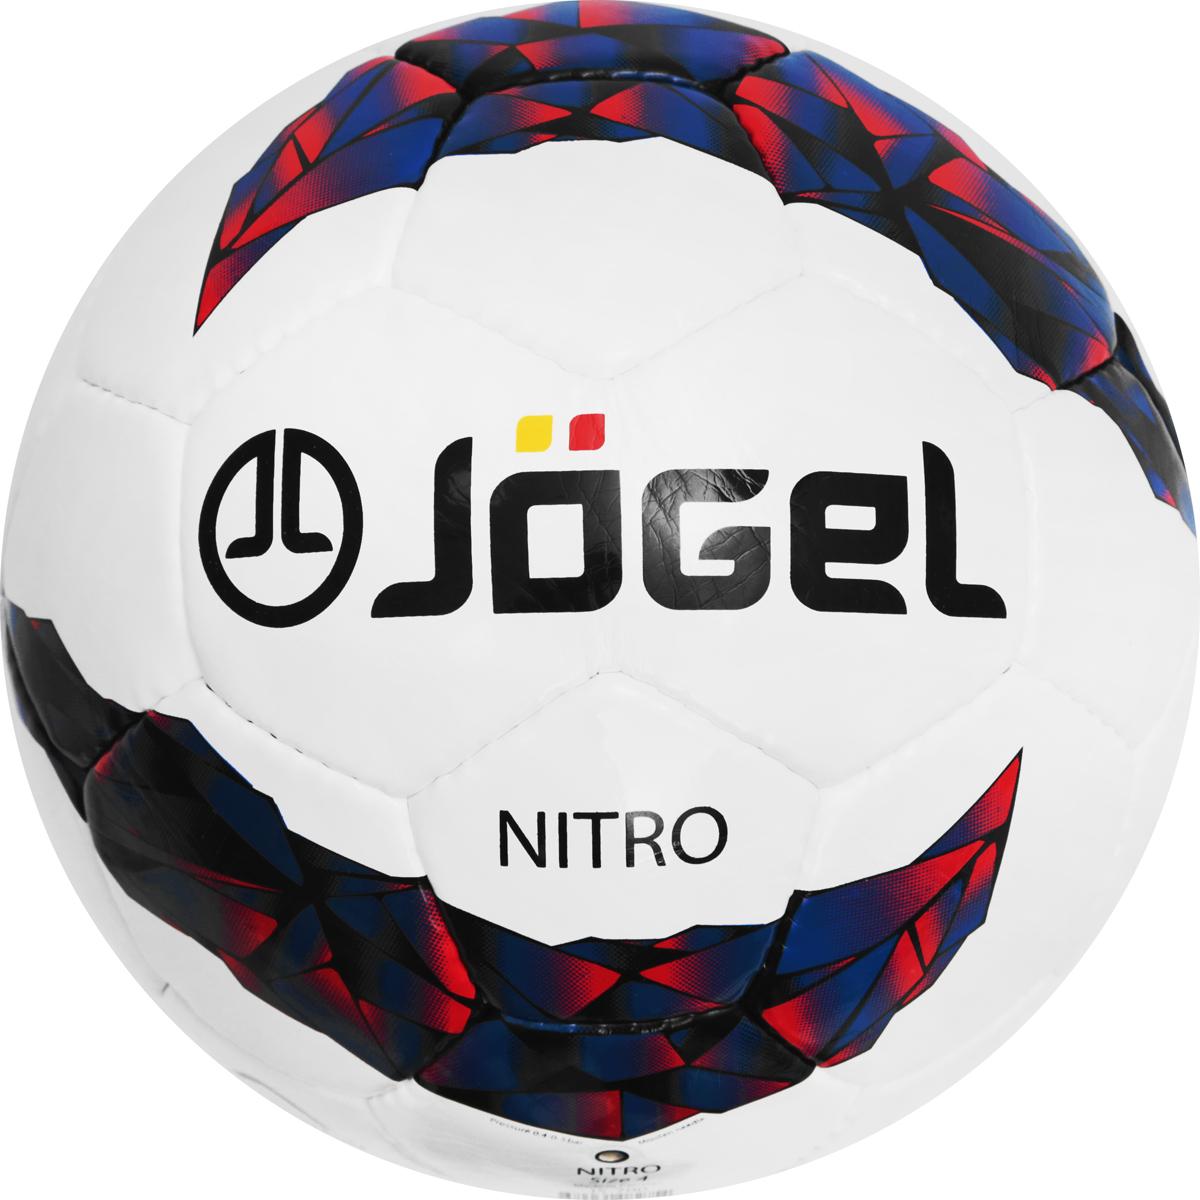 Мяч футбольный Jogel Nitro, цвет: белый, синий, красный. Размер 4. JS-700УТ-00009740Футбольный мяч Jogel Nitro превосходно подходит для тренировочного уровня. Он имеет прочную покрышку из синтетической кожи, сшитой вручную. Мяч имеет отличные технические характеристики, соответствующие требованиям тренировочного процесса. Размер мяча предназначается для тренировок детей в возрасте от 8 до 12 лет. Данный мяч рекомендован для тренировок и тренировочных игр клубных и любительских команд. Поверхность мяча выполнена из глянцевой синтетической кожи (полиуретан) толщиной 1,2 мм. Мяч имеет 4 подкладочных слоя на нетканой основе (смесь хлопка с полиэстером) и оснащен латексной камерой с бутиловым ниппелем, обеспечивающим долгое сохранение воздуха в камере. Мяч Jogel Nitro станет отличным выбором для тренировок и проведения любительских матчей.Вес: 350-390 гр.Длина окружности: 63,5-66 см.Рекомендованное давление: 0.6-0.8 бар.УВАЖАЕМЫЕ КЛИЕНТЫ!Обращаем ваше внимание на тот факт, что мяч поставляется в сдутом виде. Насос в комплект не входит.